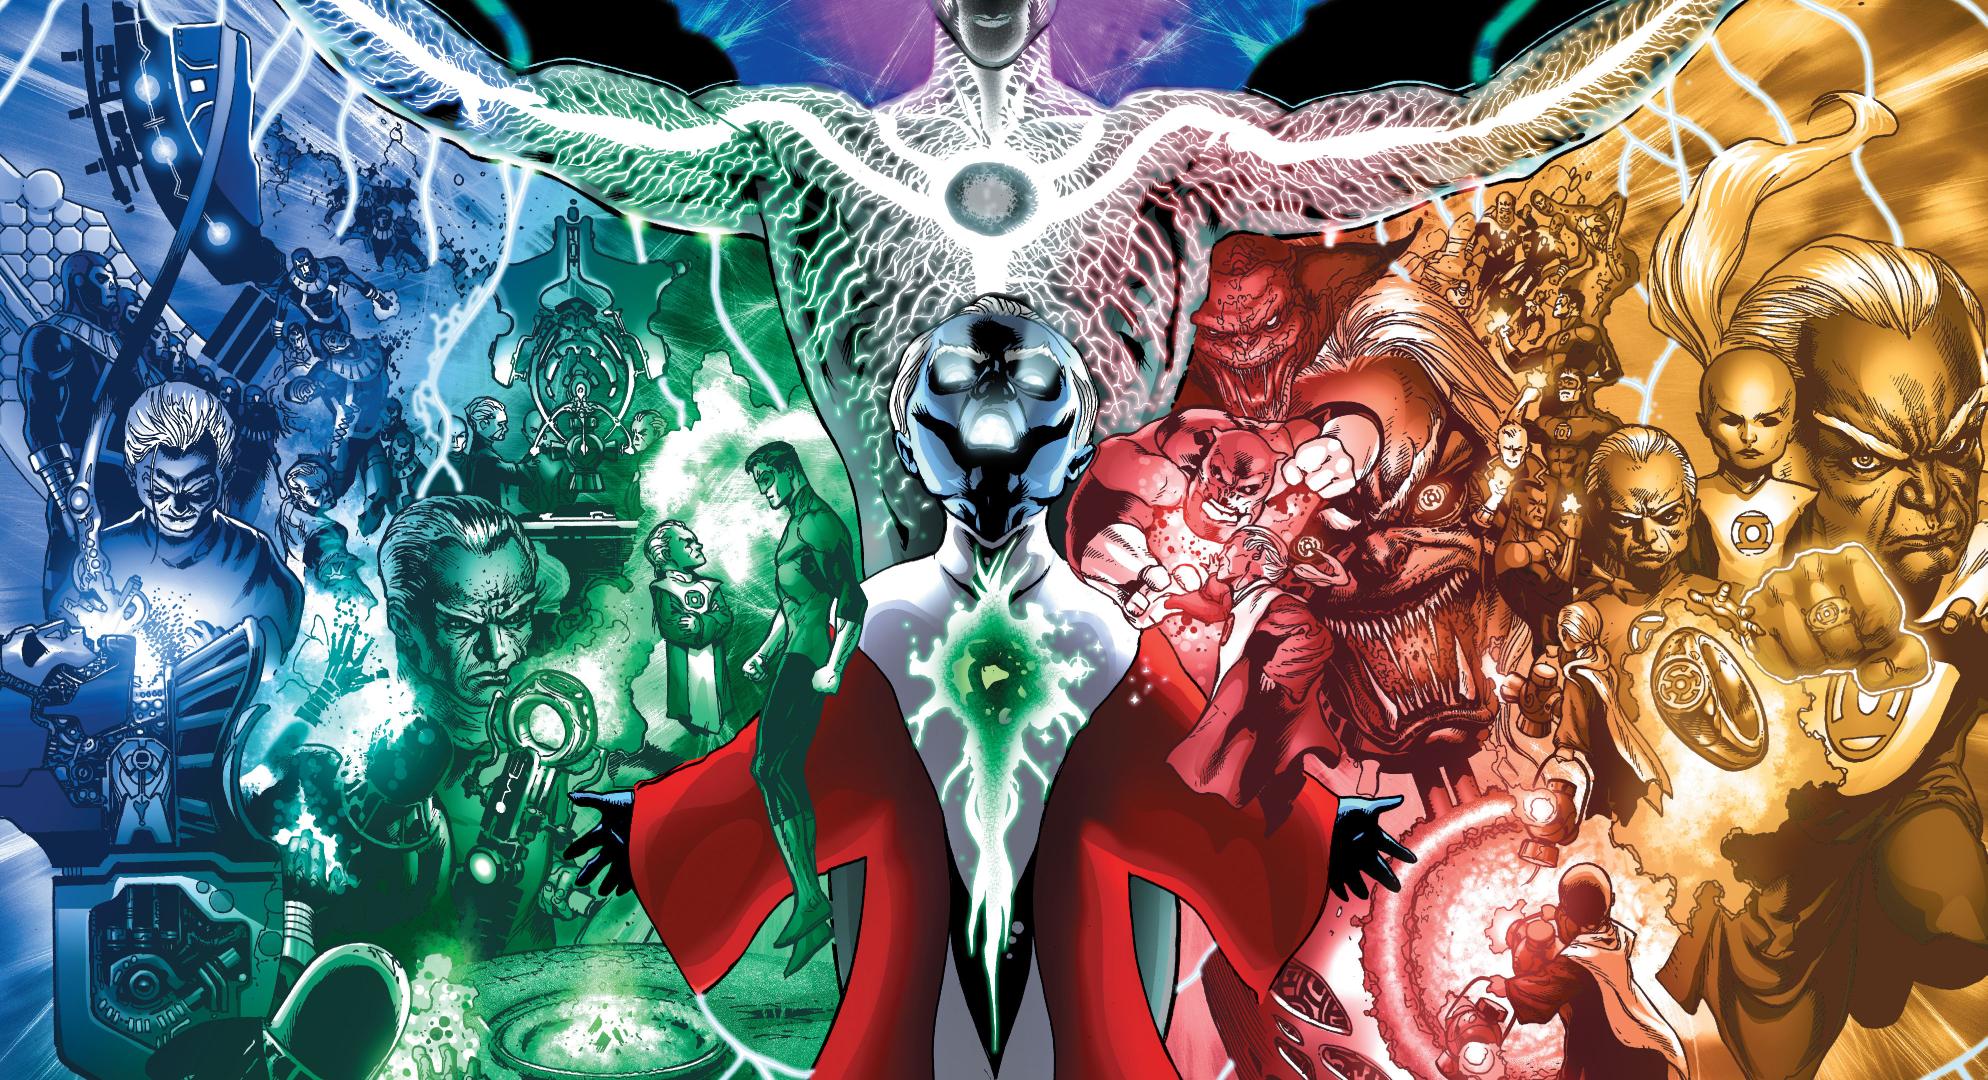 Green Lantern DC comics wallpaper 1988x1080 73752 WallpaperUP 1988x1080